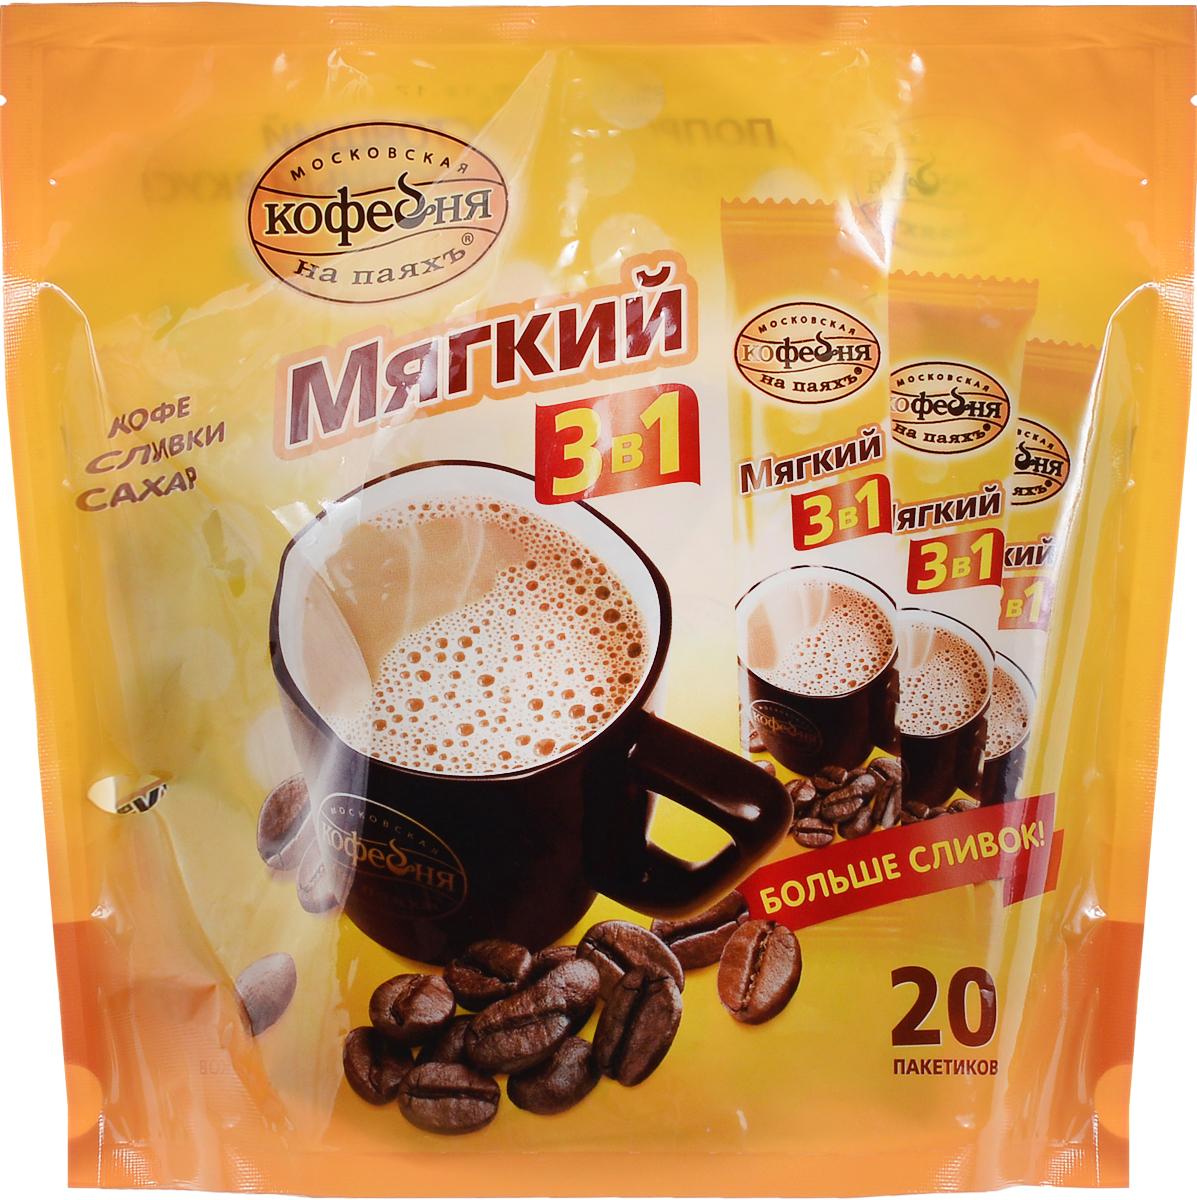 Московская кофейня на паяхъ Мягкий 3 в 1 напиток кофейный растворимый в пакетиках, 20 шт4601985007044Напиток кофейный растворимый Московская кофейня на паяхъ - мягкий кремовый вкус - еще больше сливок!Подарите себе наслаждение от чашечки горячего ароматного кофейного напитка! Это не только вкуснейший напиток, но прекрасное средство для снятия усталости и сонливости. Кофейный напиток обладает насыщенным вкусом и чудесным бодрящим ароматом. Кофеин в правильных дозах способен повышать двигательную активность, умственную и физическую работоспособность.В упаковке 20 пакетиков. Уважаемые клиенты! Обращаем ваше внимание, что полный перечень состава продукта представлен на дополнительном изображении.